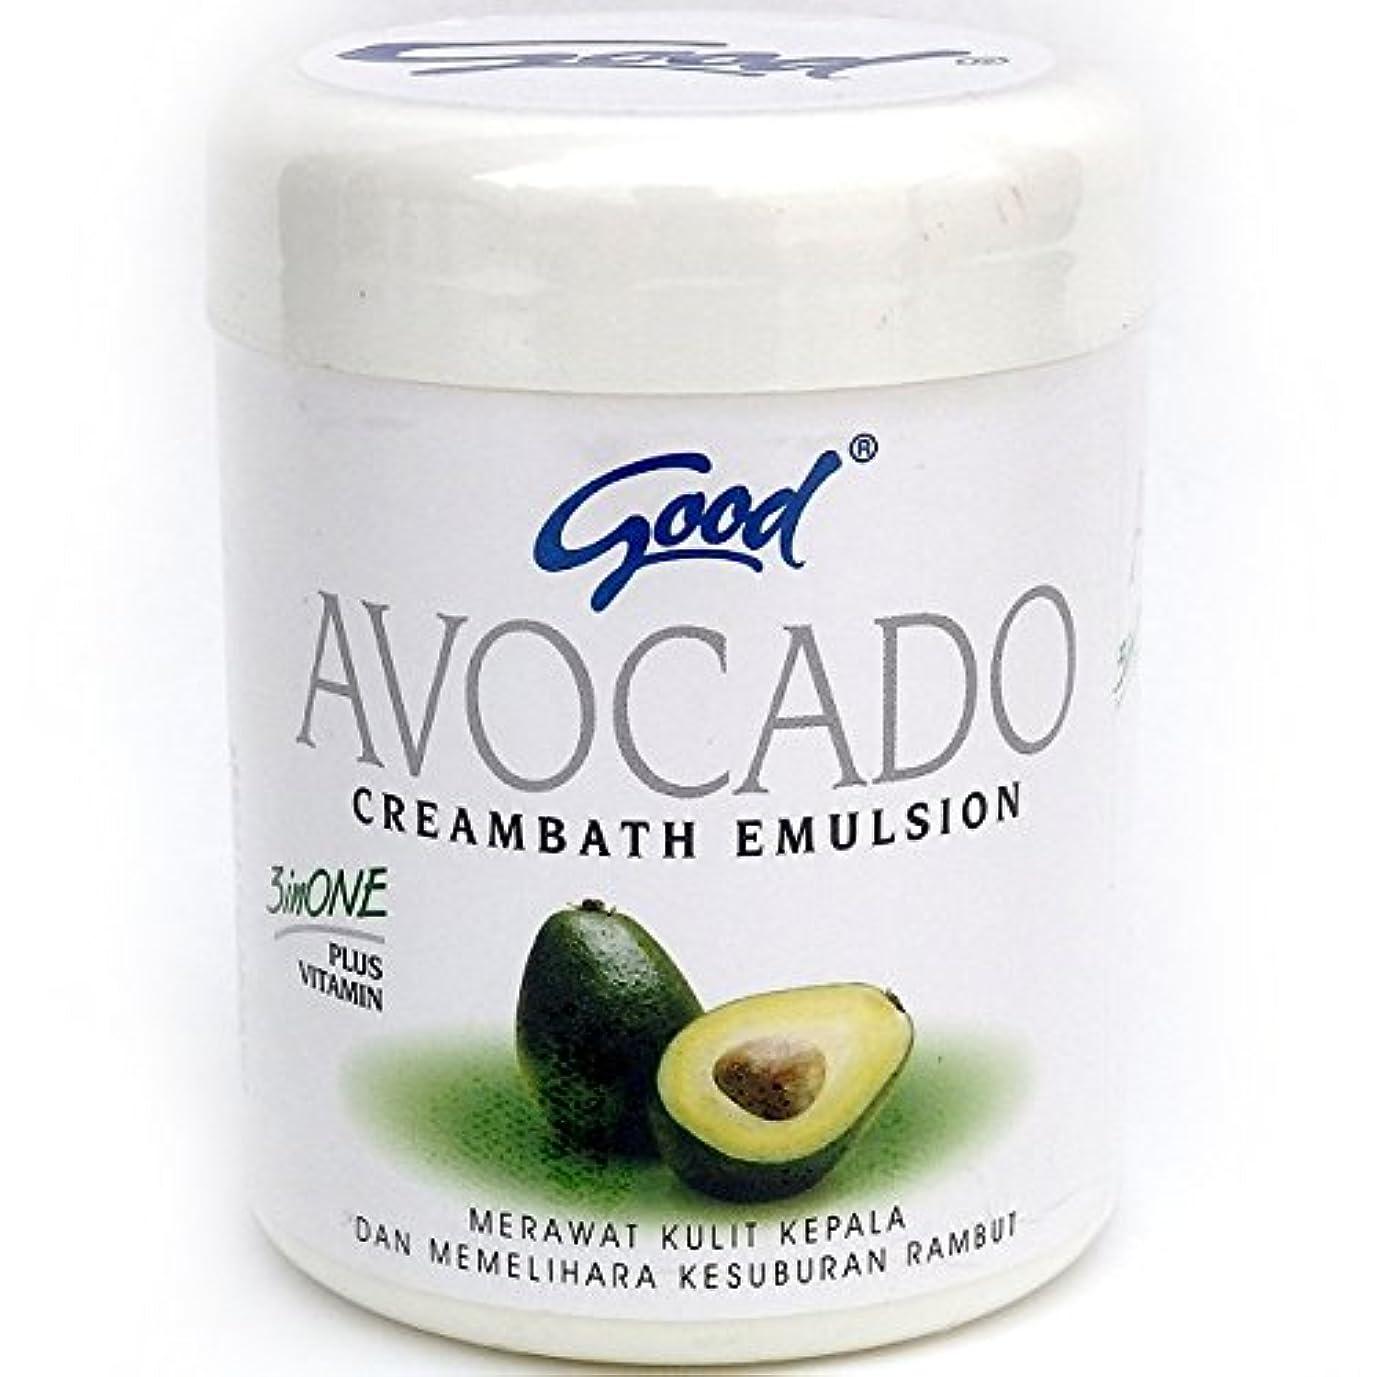 原因オゾン雇ったgood グッド インドネシアバリ島の伝統的なヘッドスパクリーム Creambath Emulsion クリームバス エマルション 250g Avocado アボガド [海外直送品]